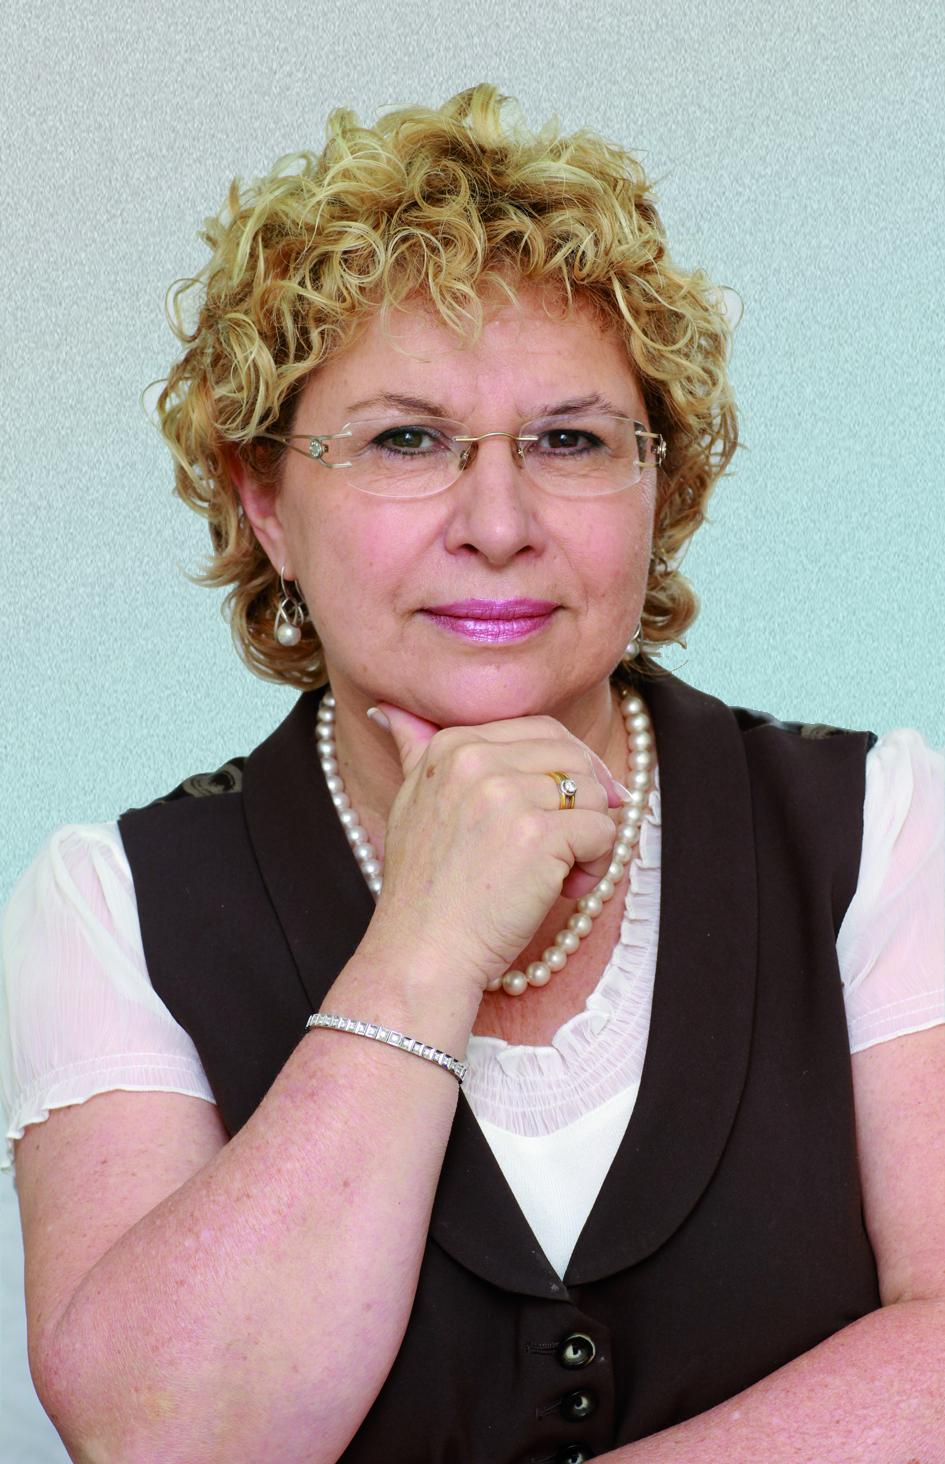 פרופסור פרופ' מרתה דירנפלד - תמונת פרופיל